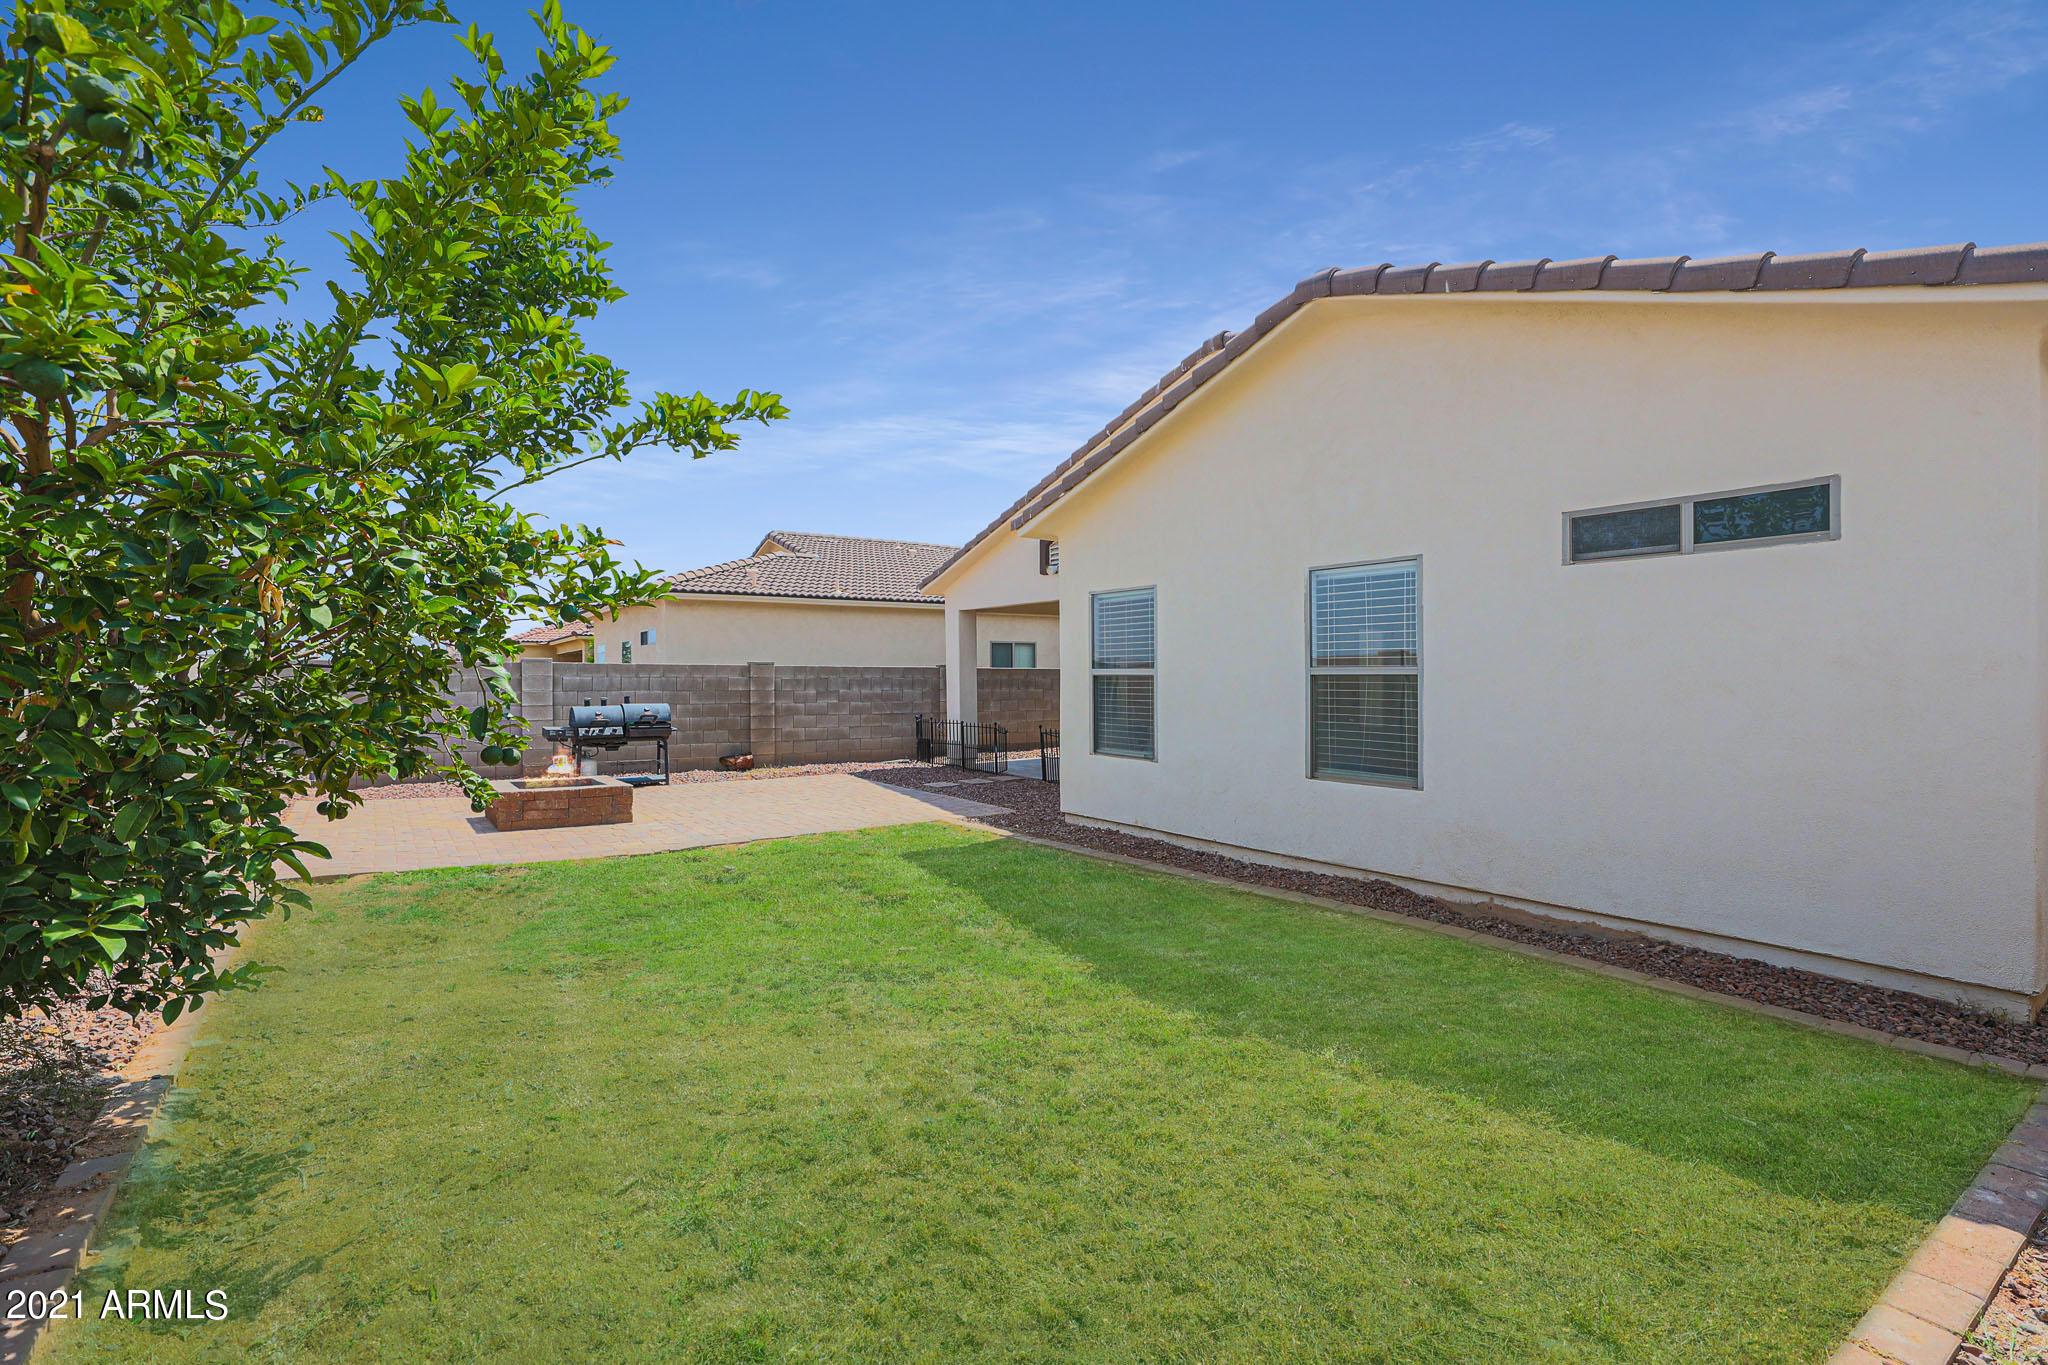 MLS 6269179 15705 N POPPY Street, El Mirage, AZ 85335 El Mirage AZ Single-Story